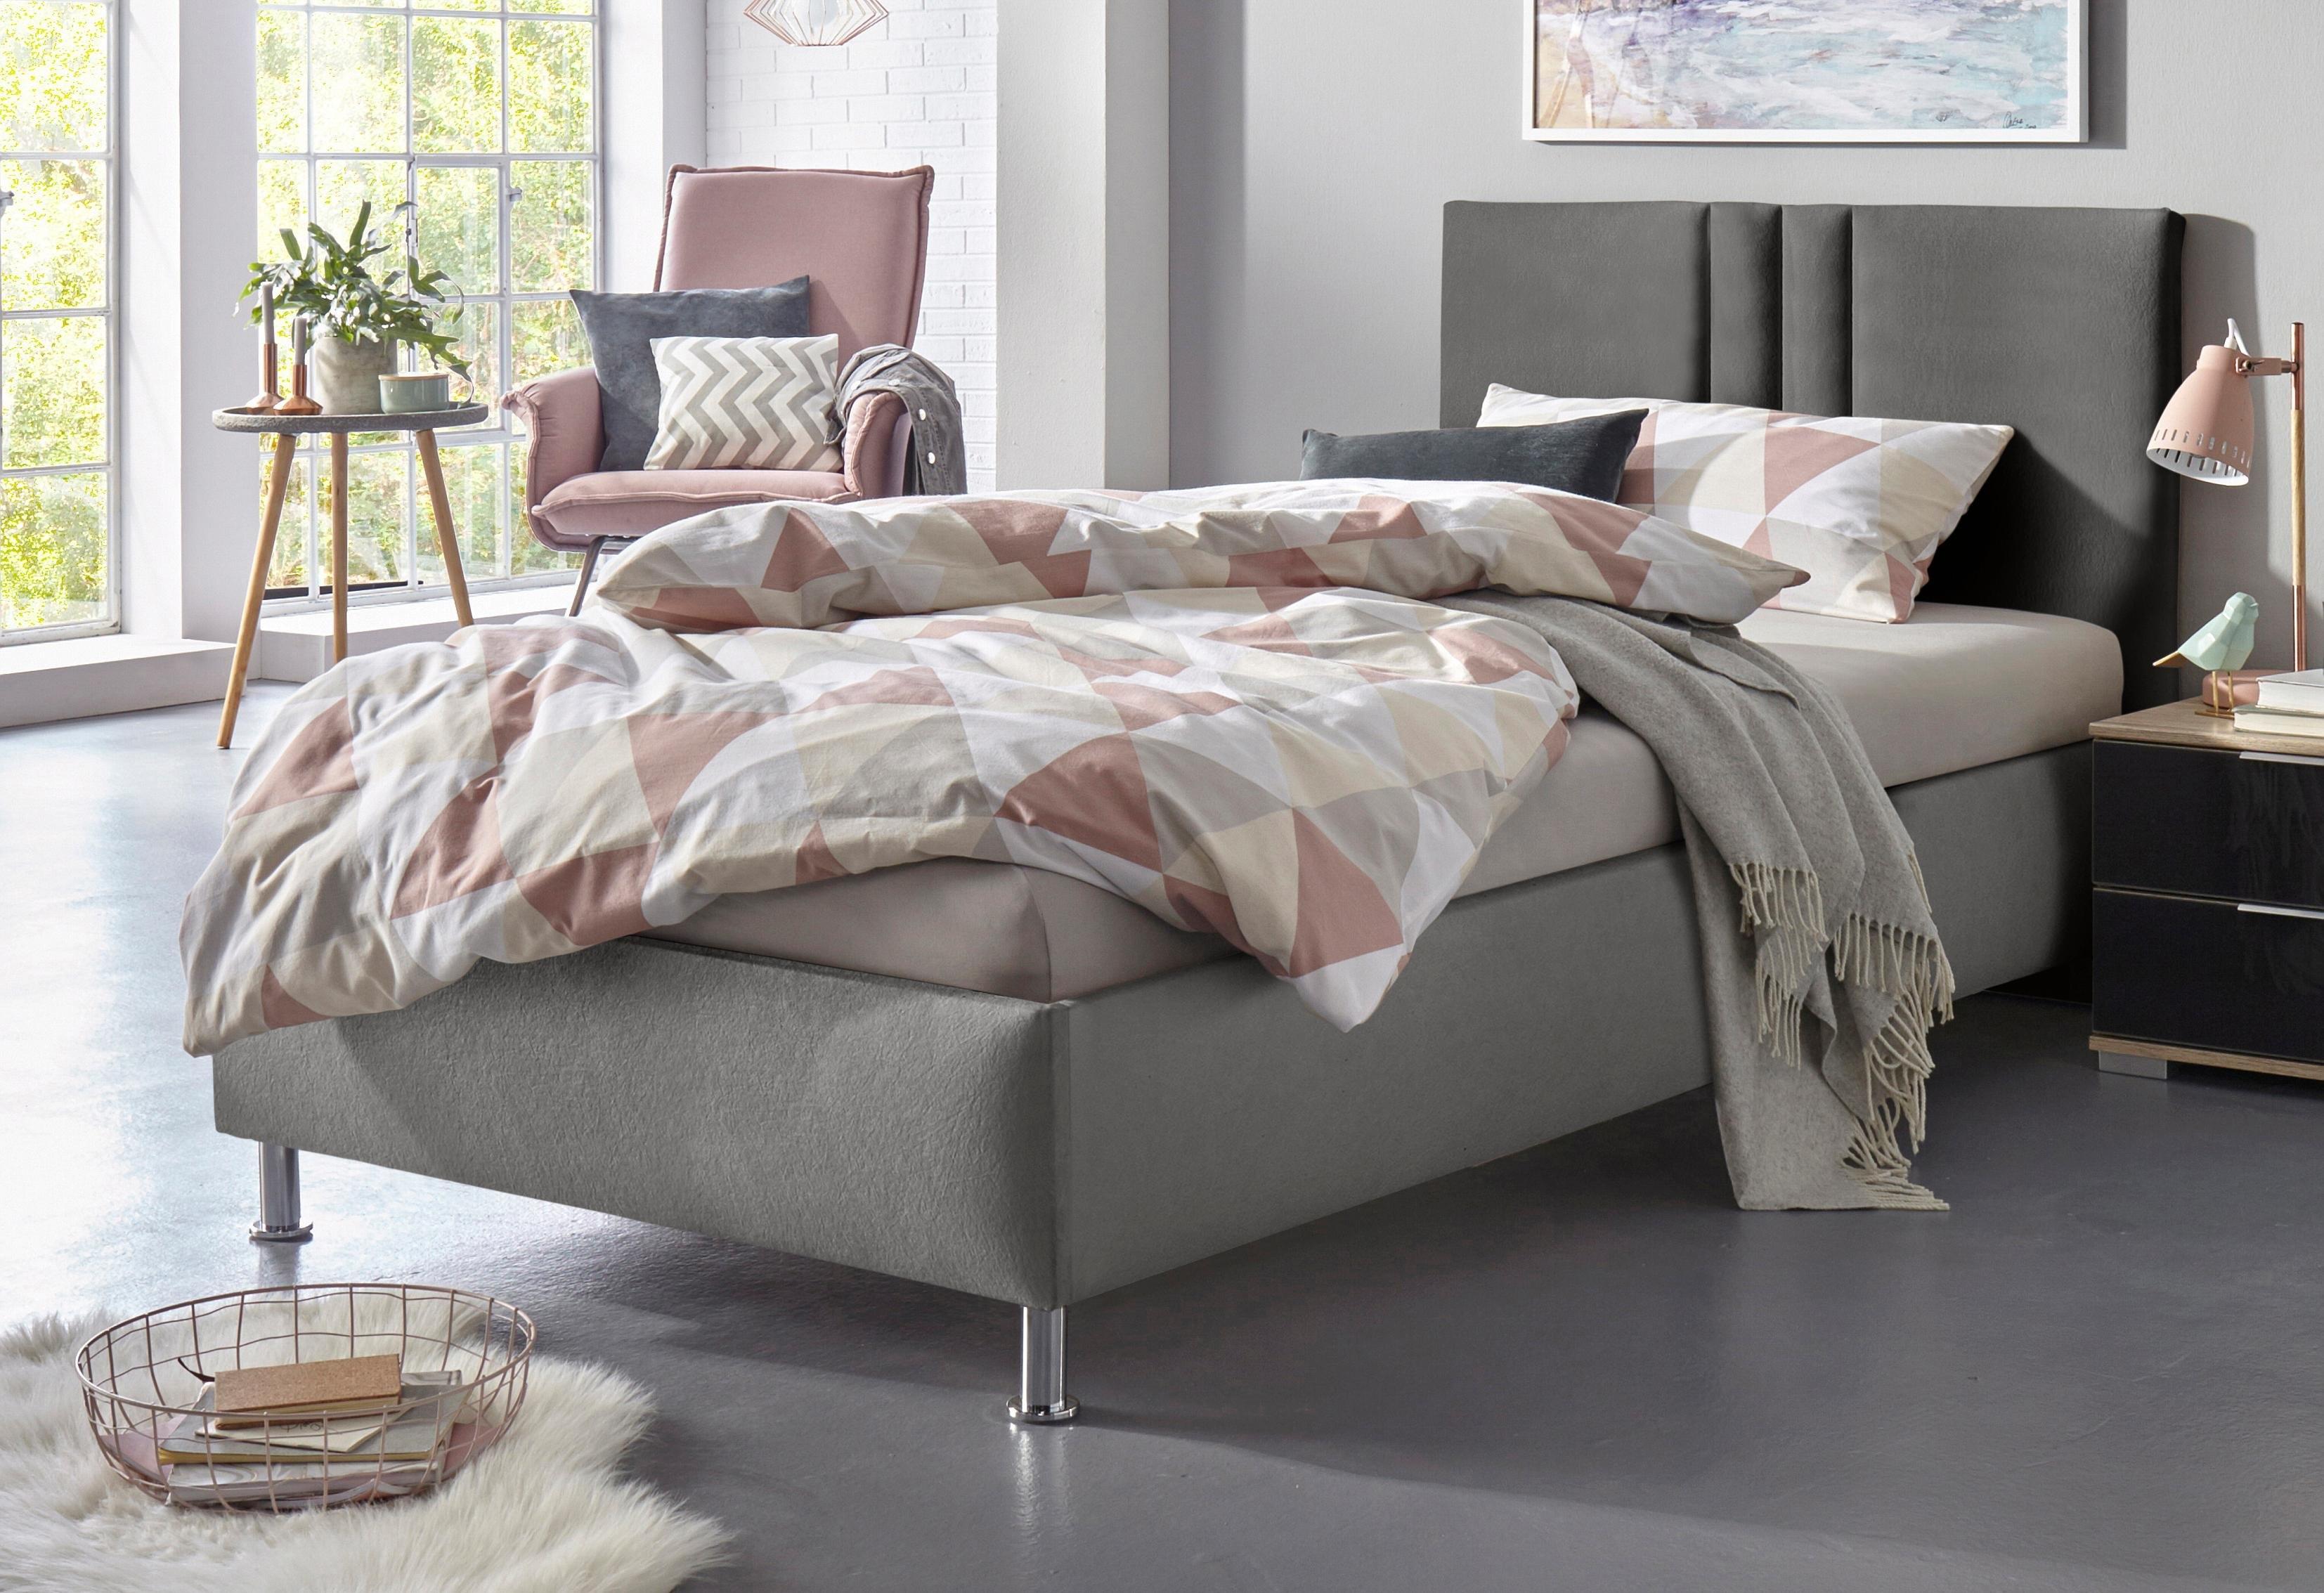 Bed 120x200 Compleet.Goedkope Bedden In Verschillende Afmetingen Vanaf 99 99 Otto